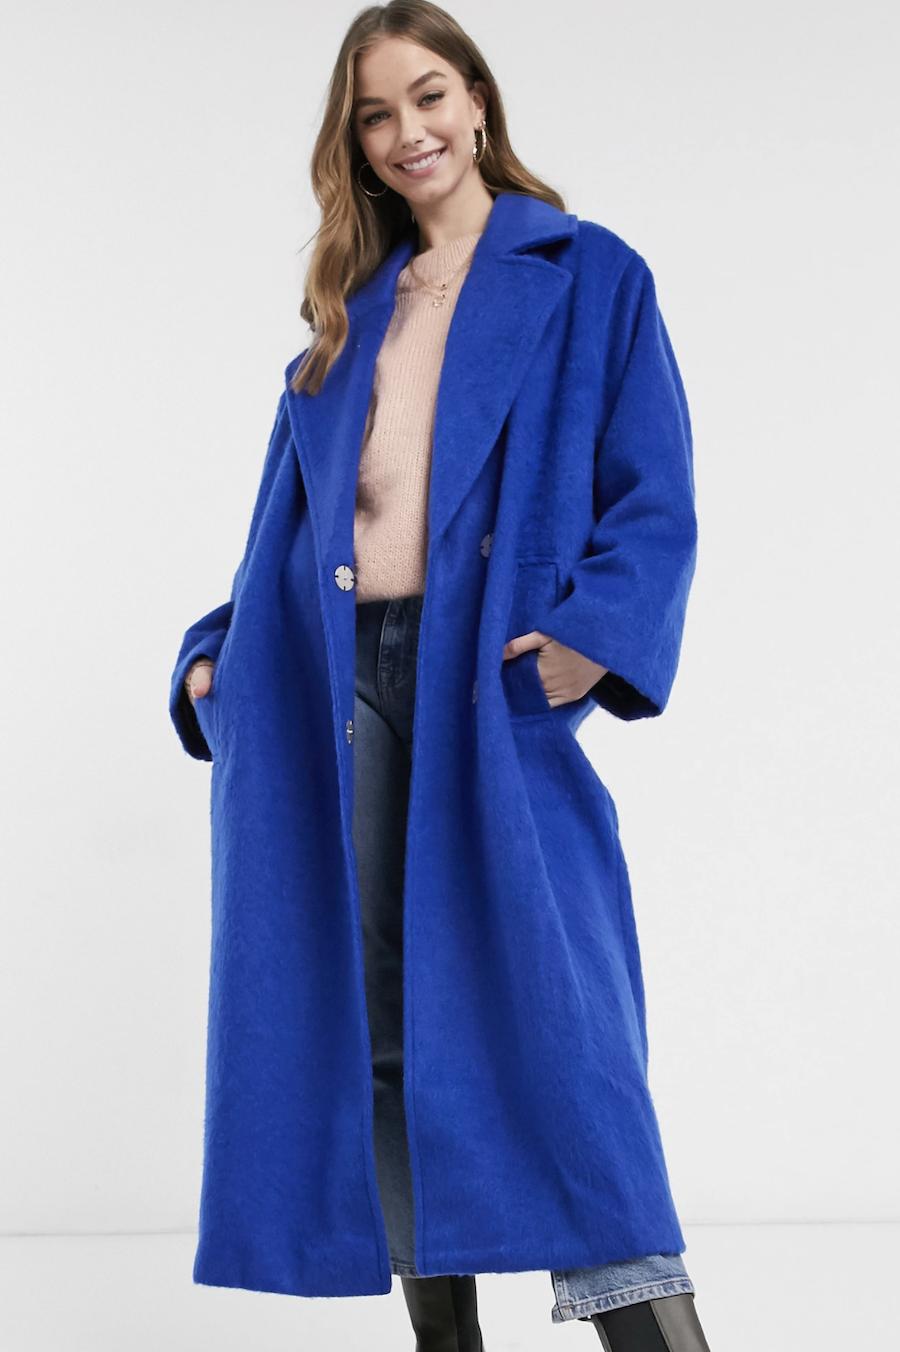 Abrigo azul cobalto holgado extragrande de ASOS DESIGN